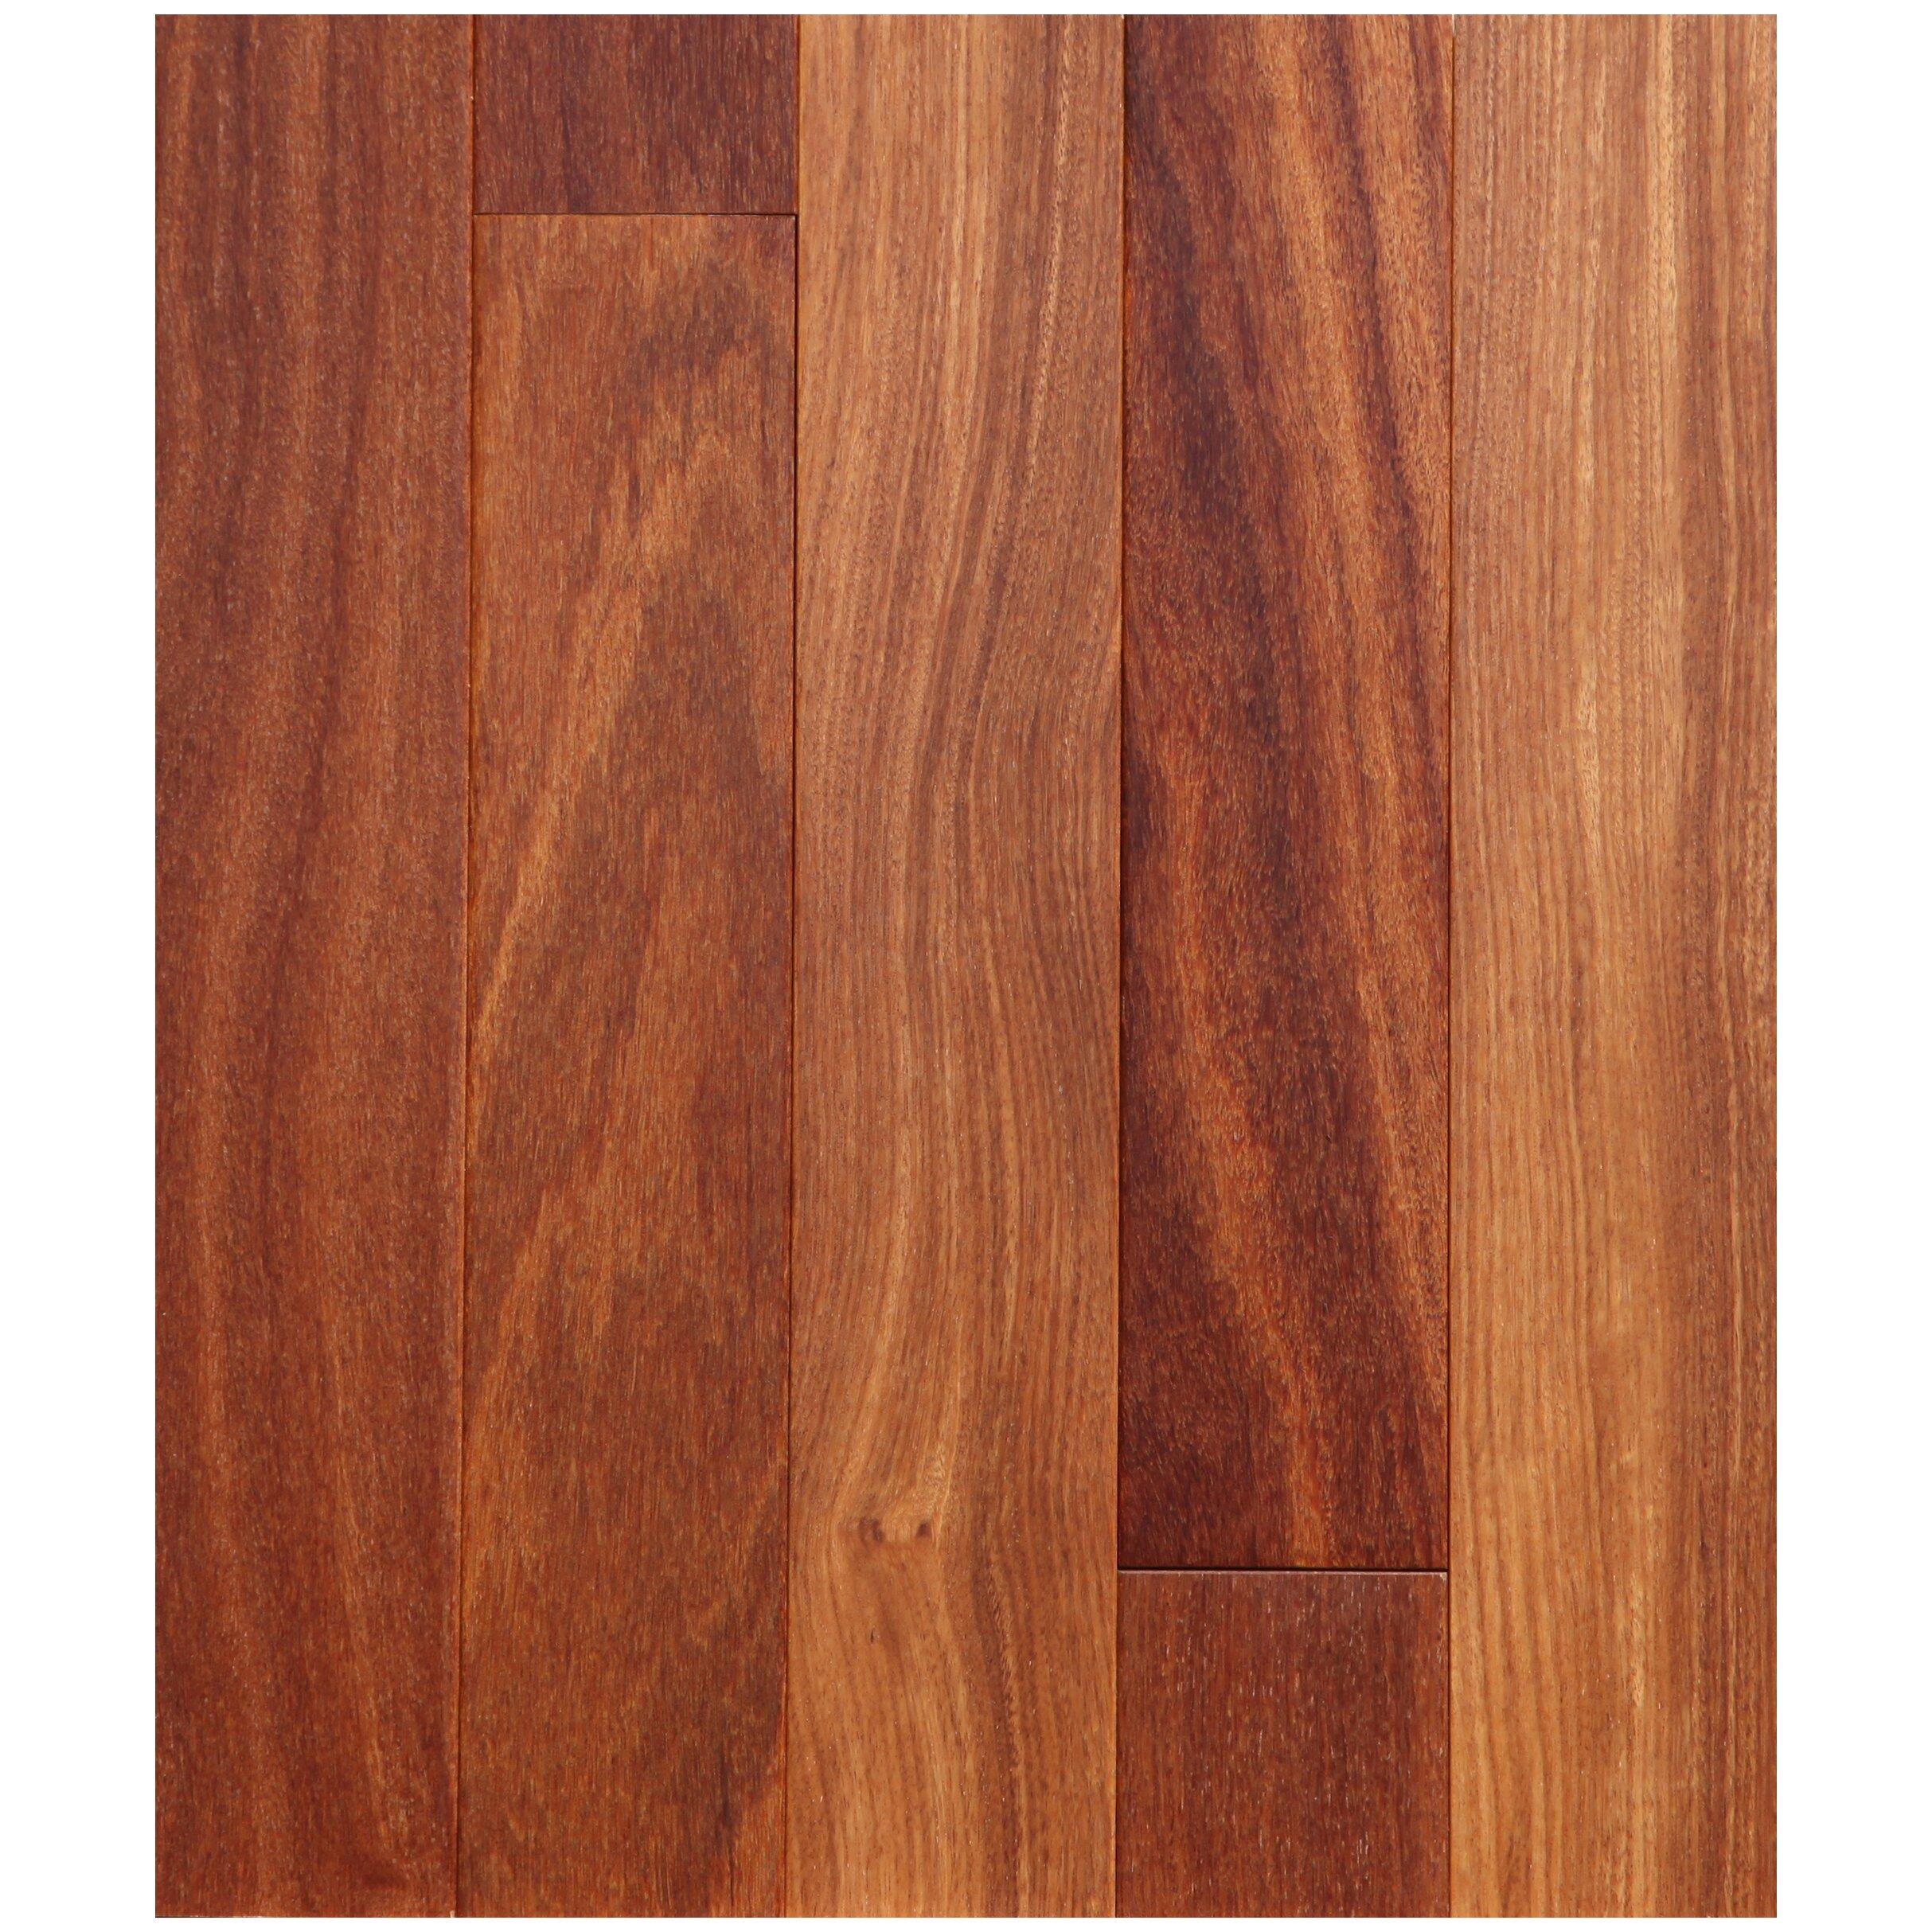 Easoon usa 5 engineered brazilian teak hardwood flooring for Teak wood flooring